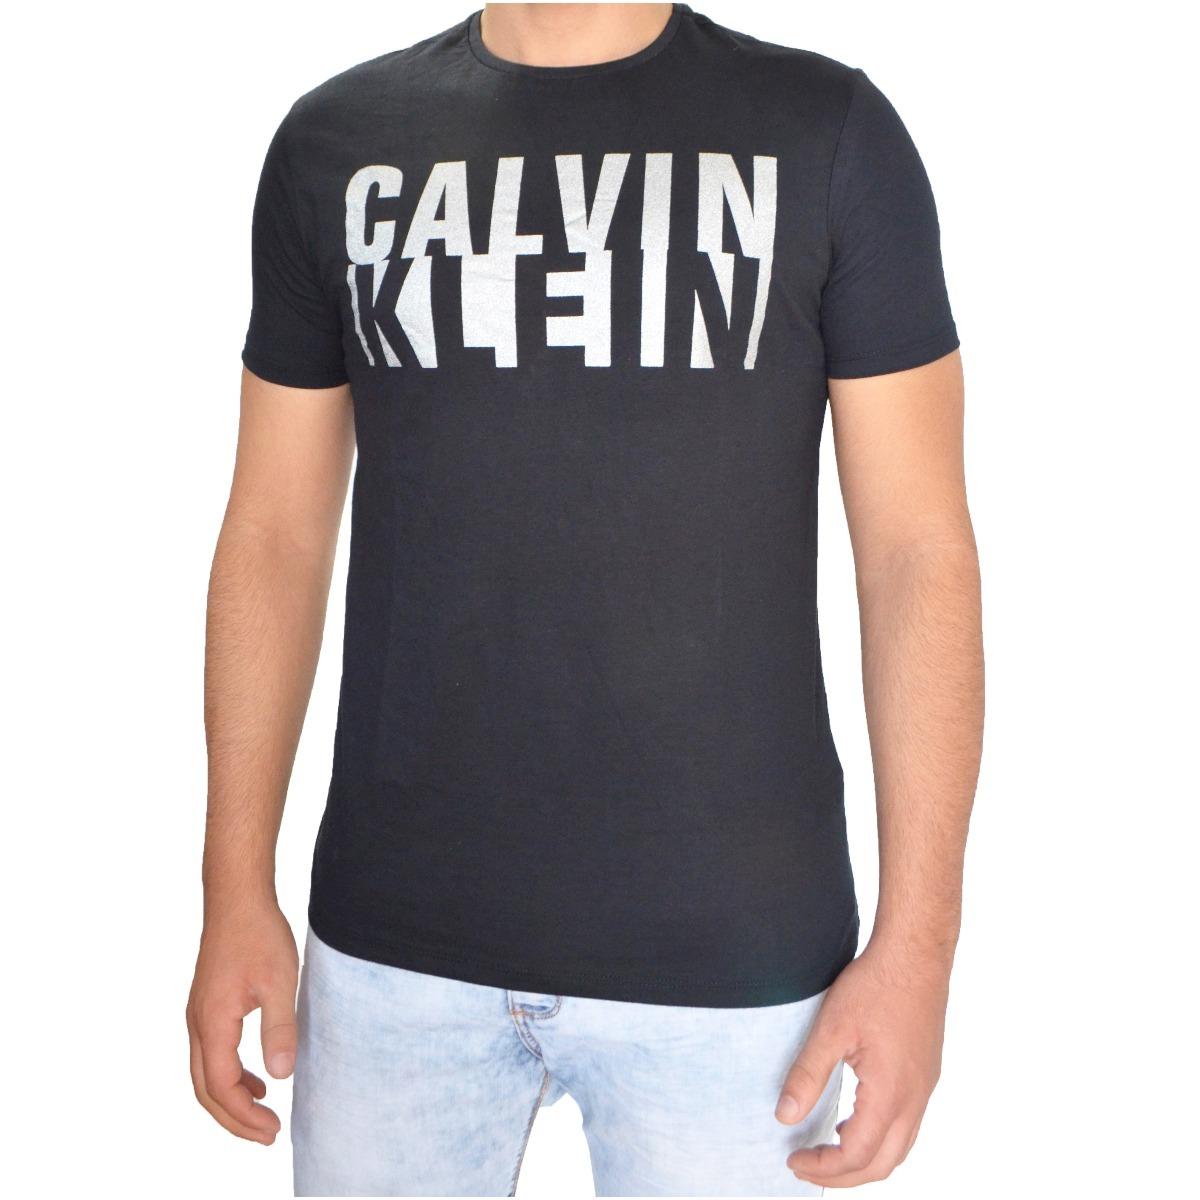 857e915c0d83c camisa camiseta calvin klein masculina slim fit preta ckj. Carregando zoom.